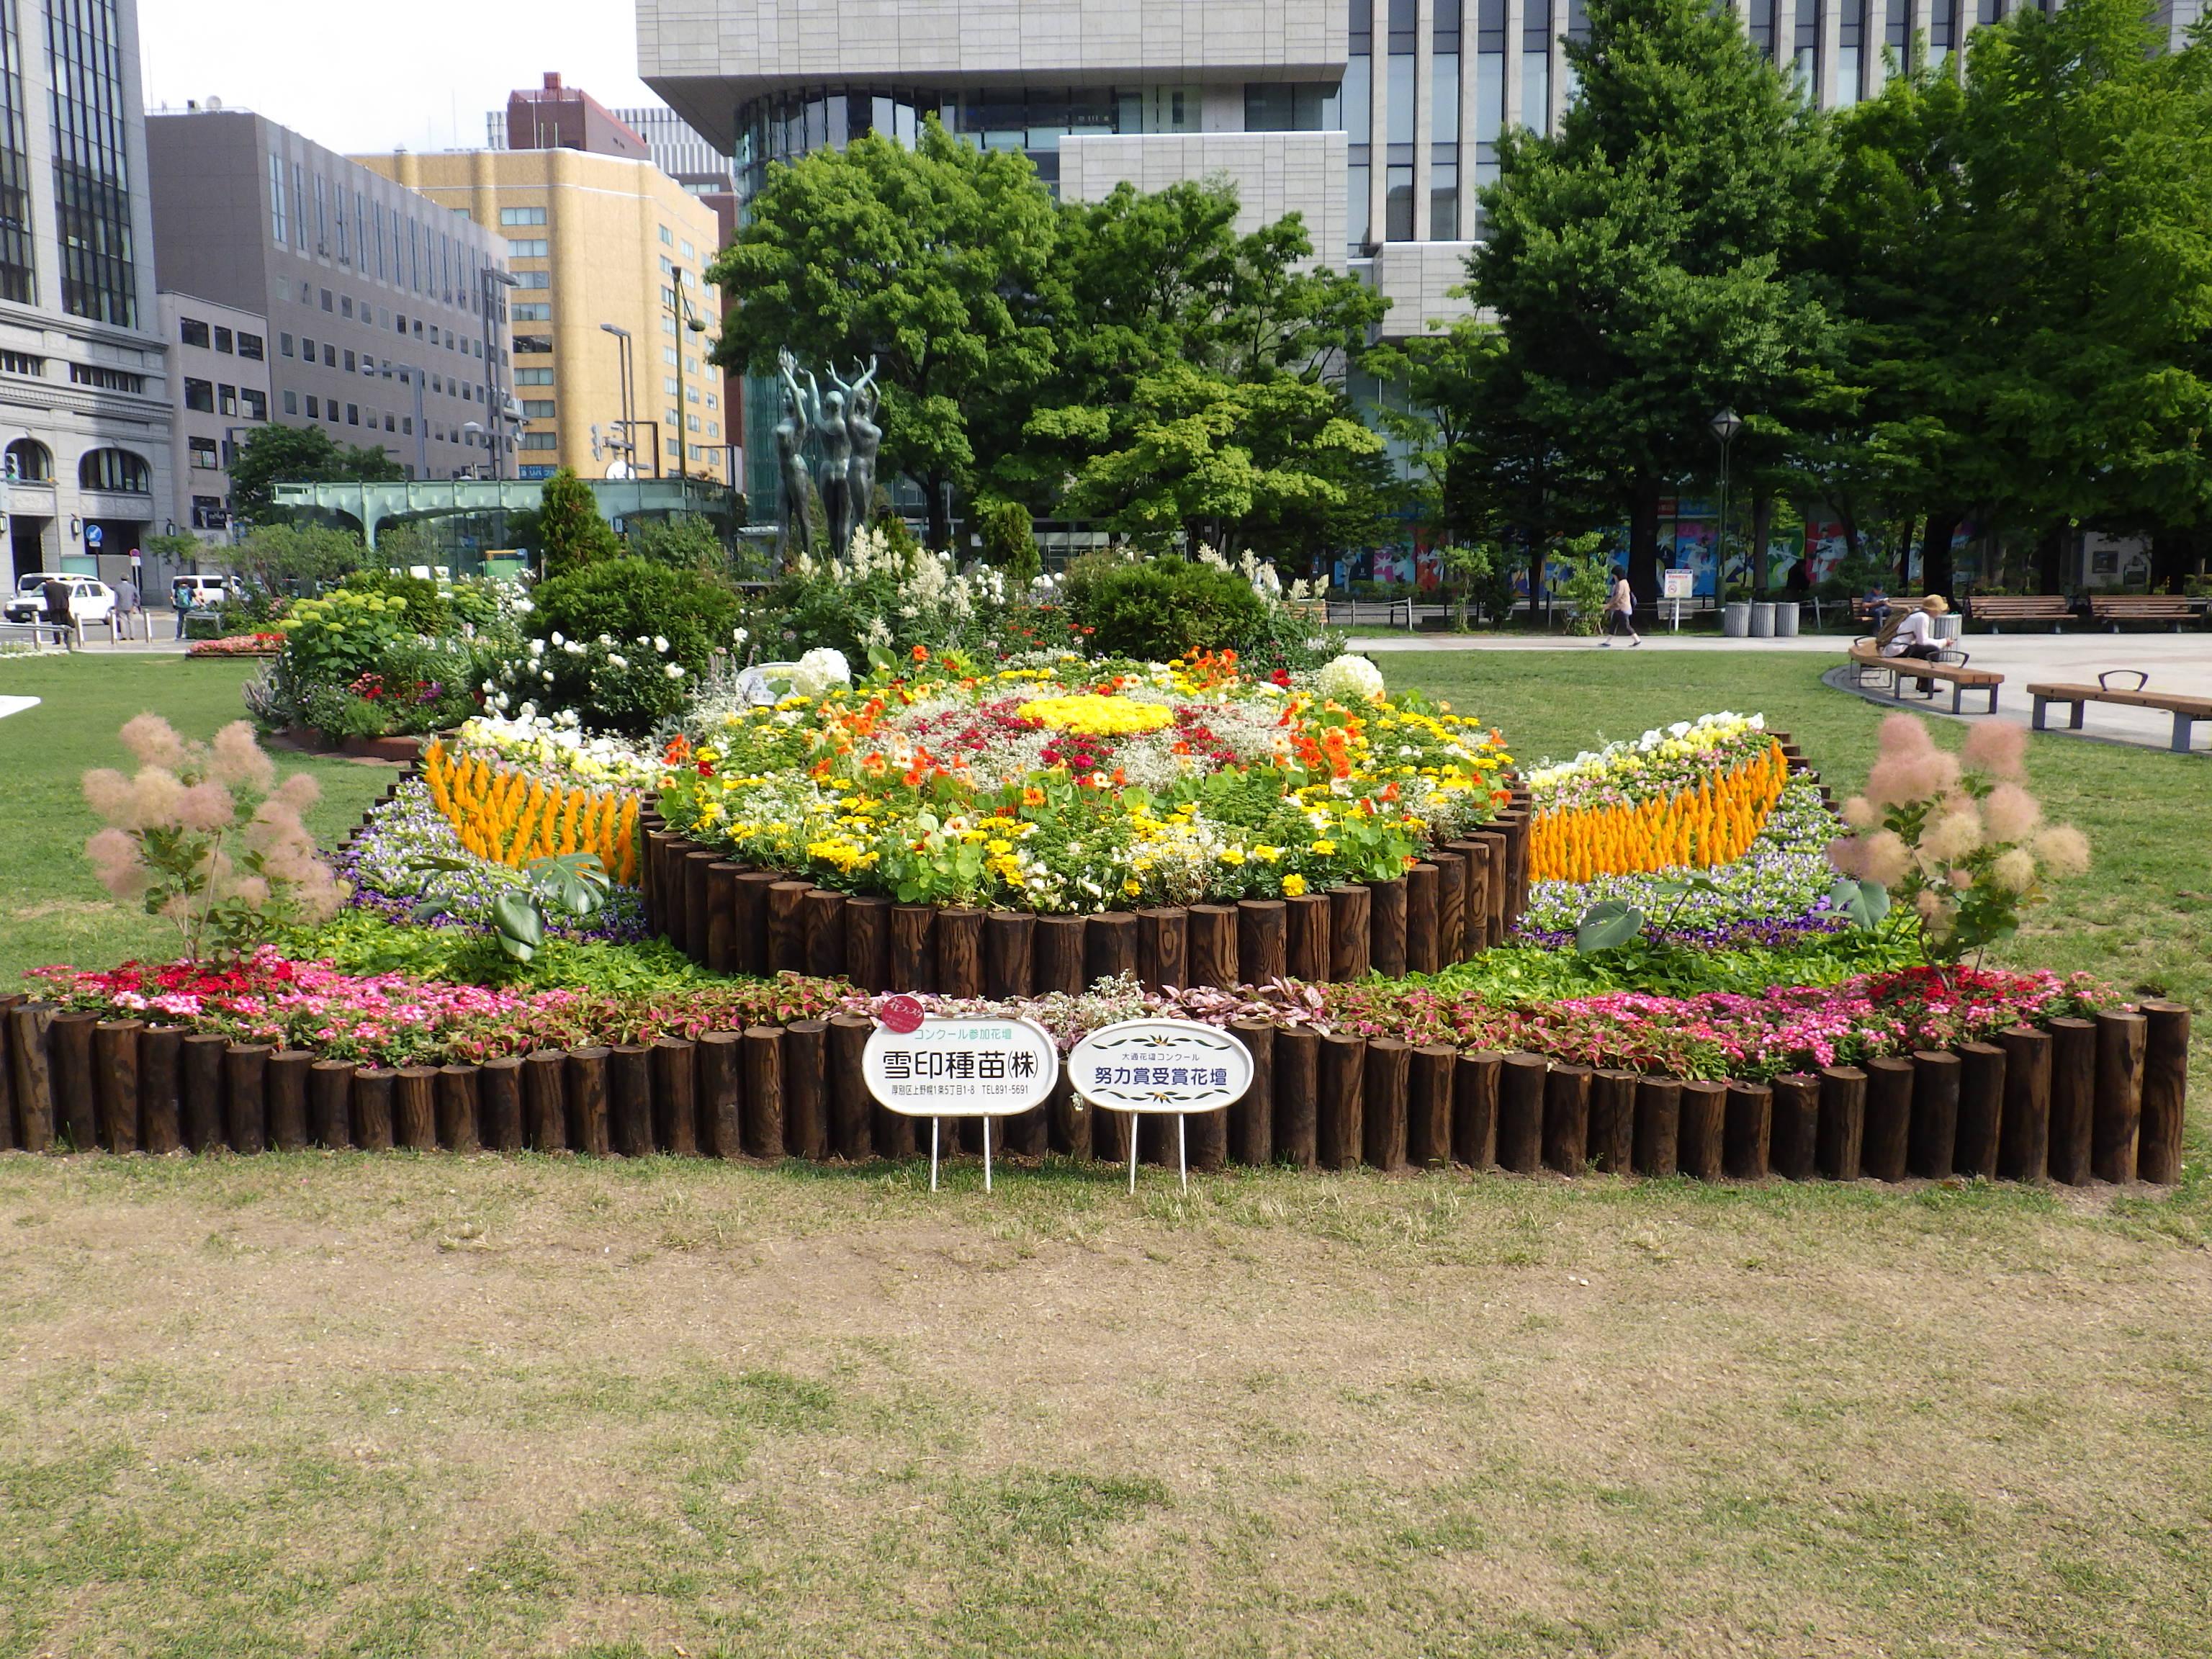 令和元年の花壇コンクール受賞花壇7